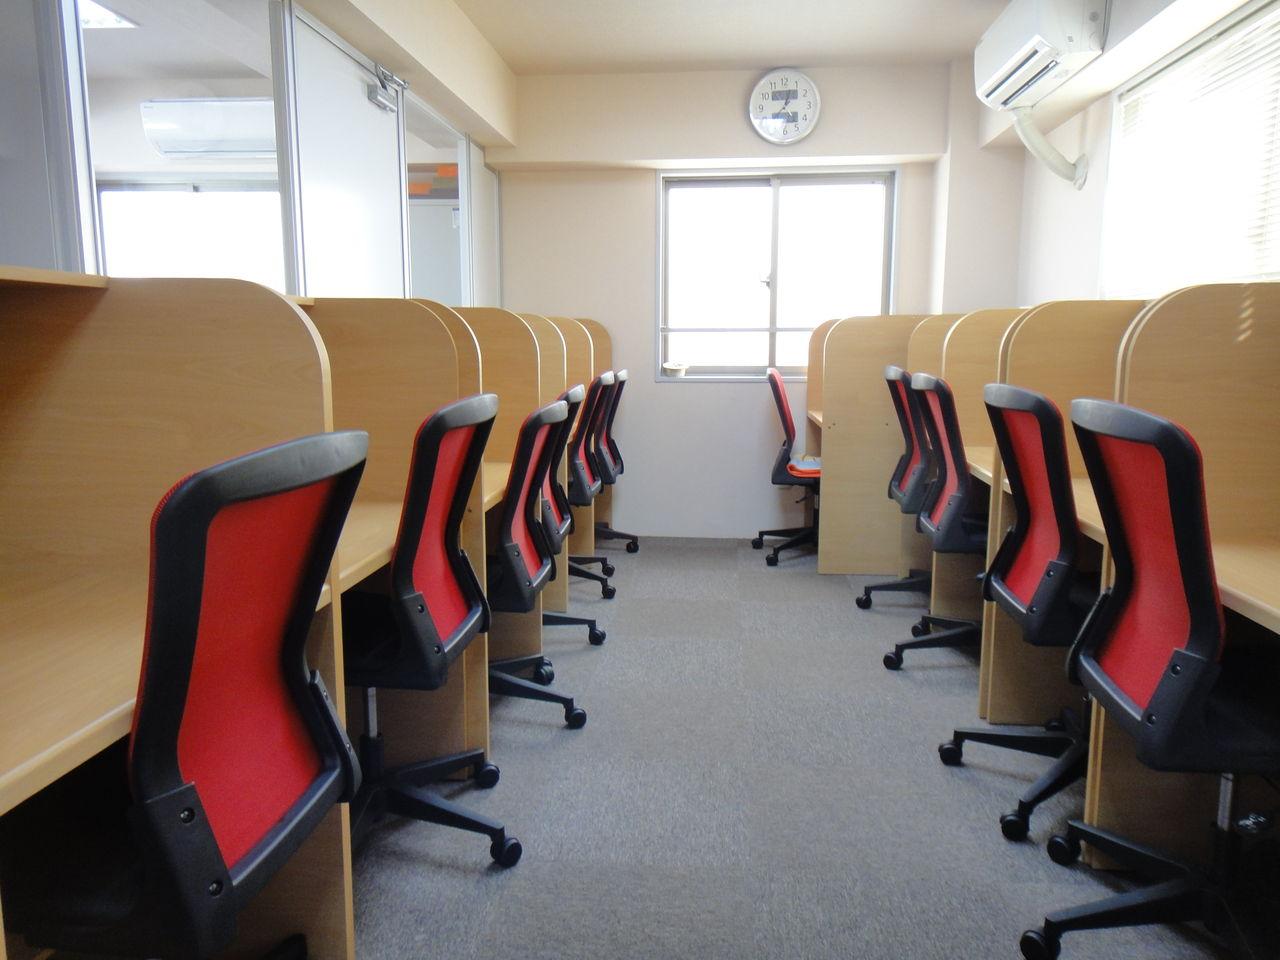 「武田塾 校舎 自習室」の画像検索結果